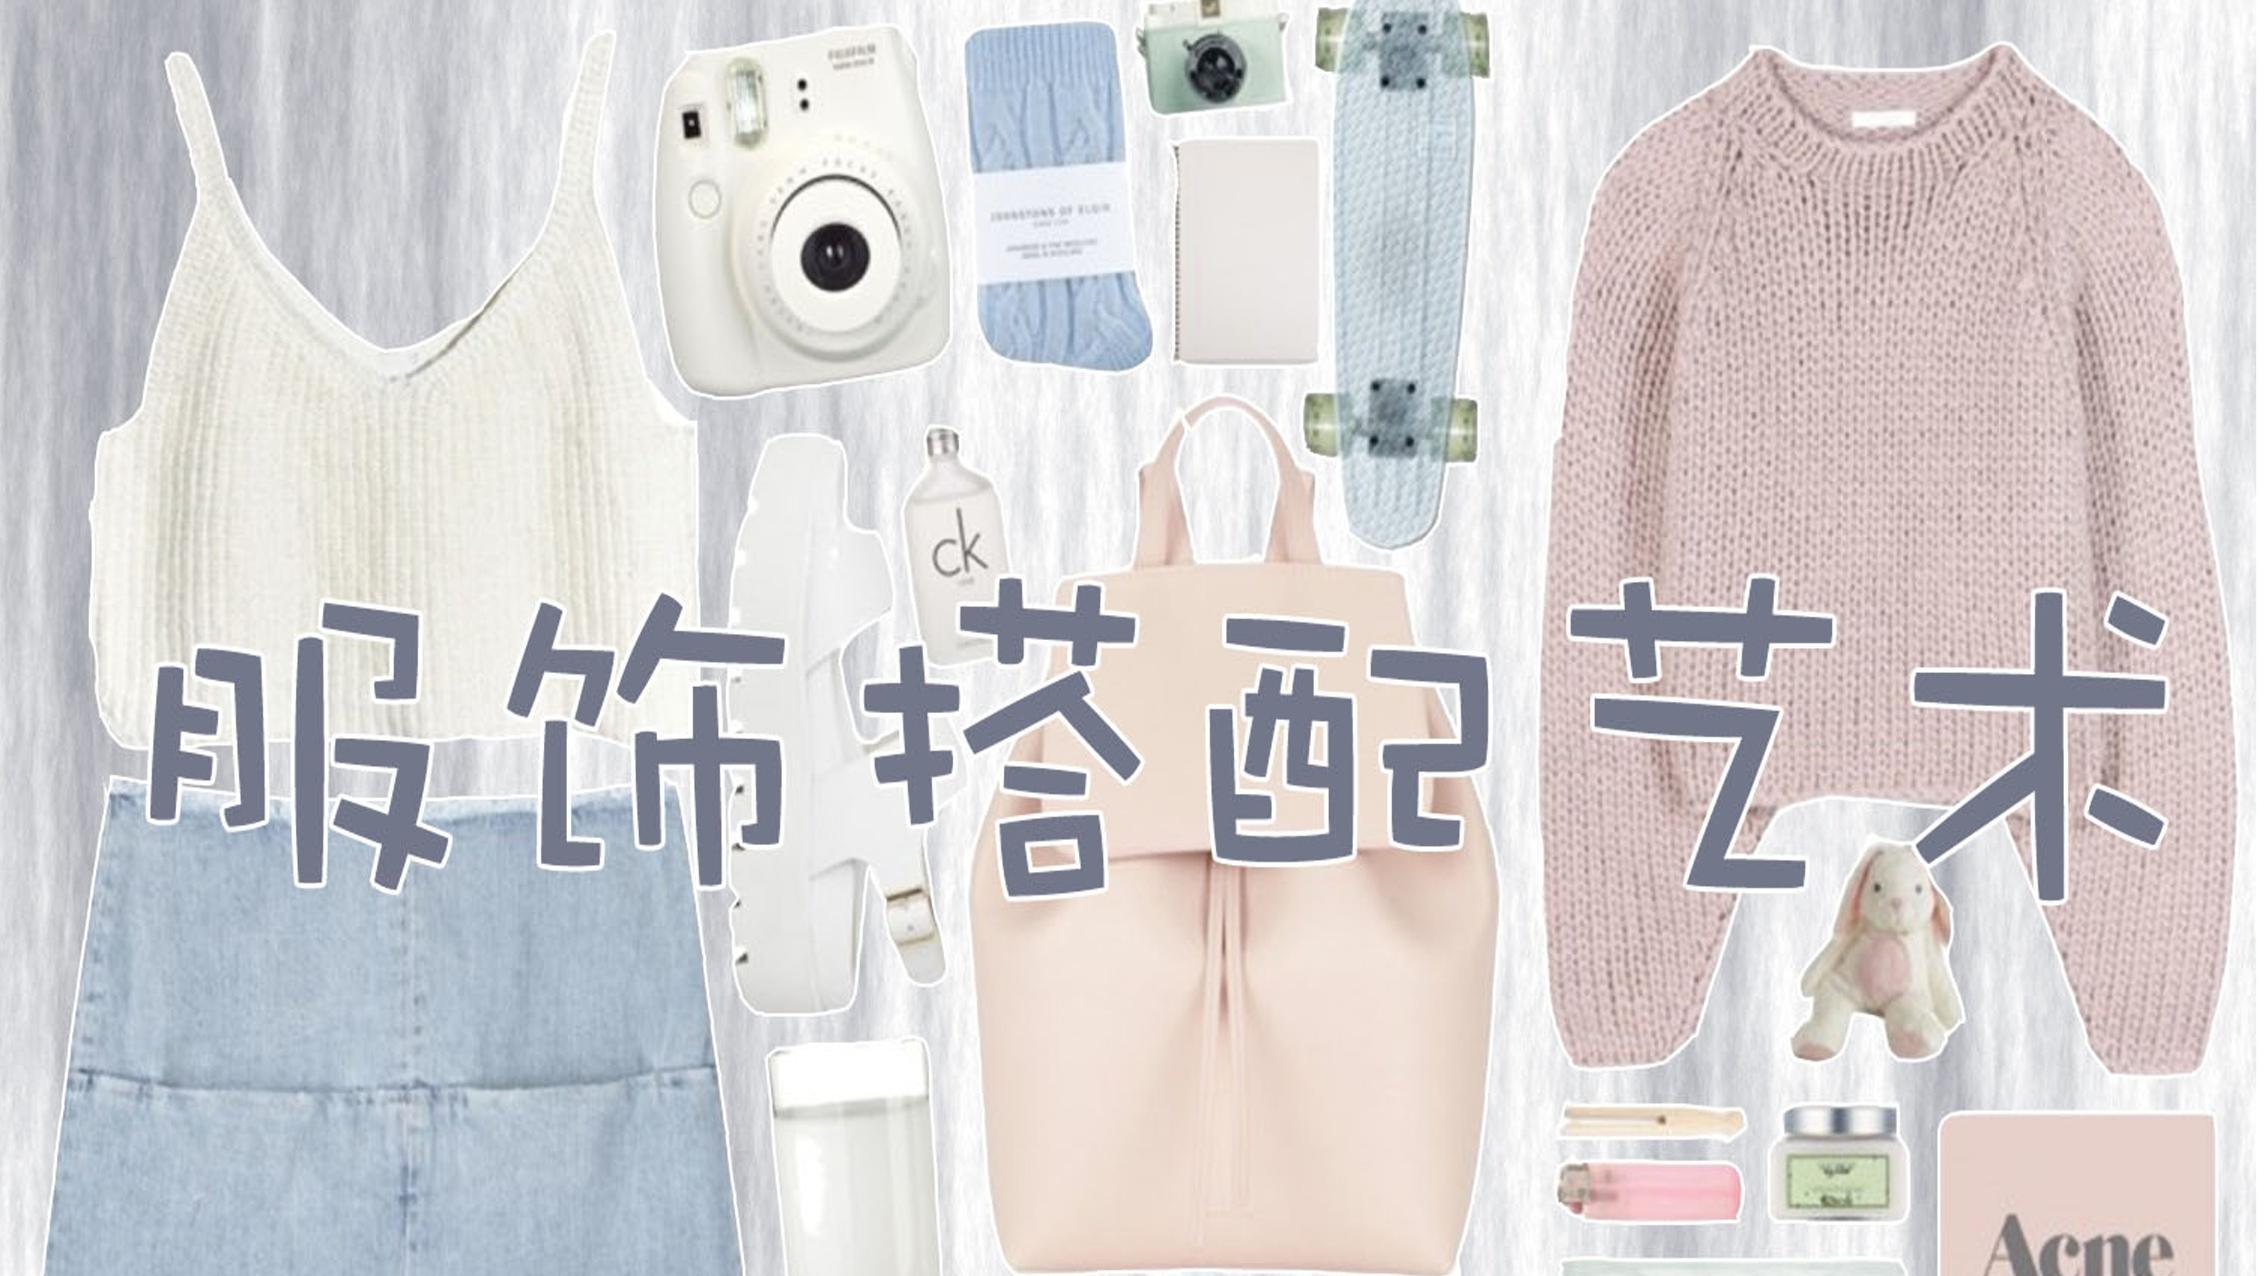 中国大学MOOC: 在交流电路中,电压与电流相位差为零,该电路必定是只含电阻的电路。